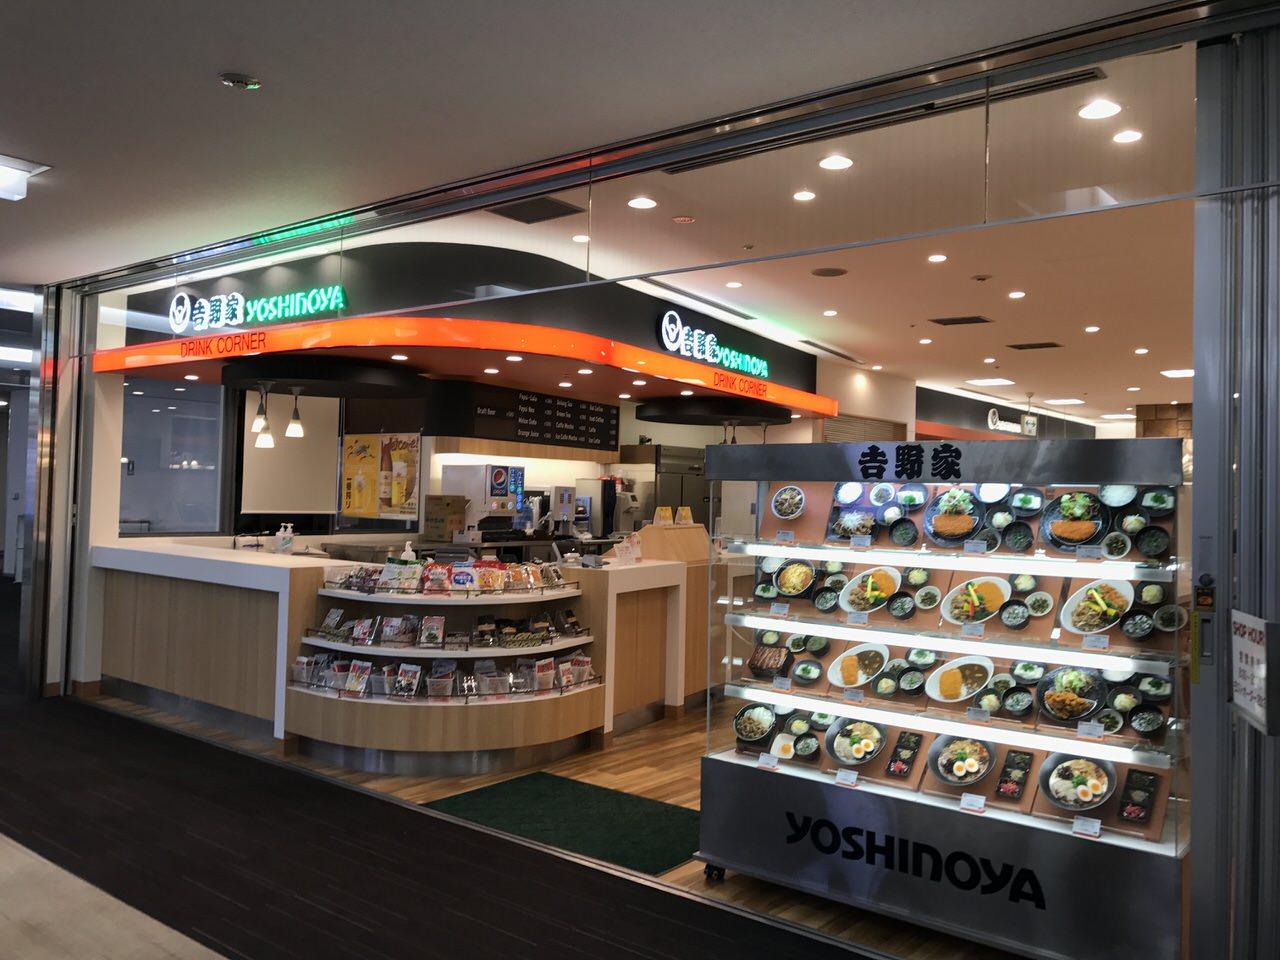 「吉野家 成田国際空港第2ターミナルサテライト店」で牛丼セットを食べた!海外の吉野家のようだった